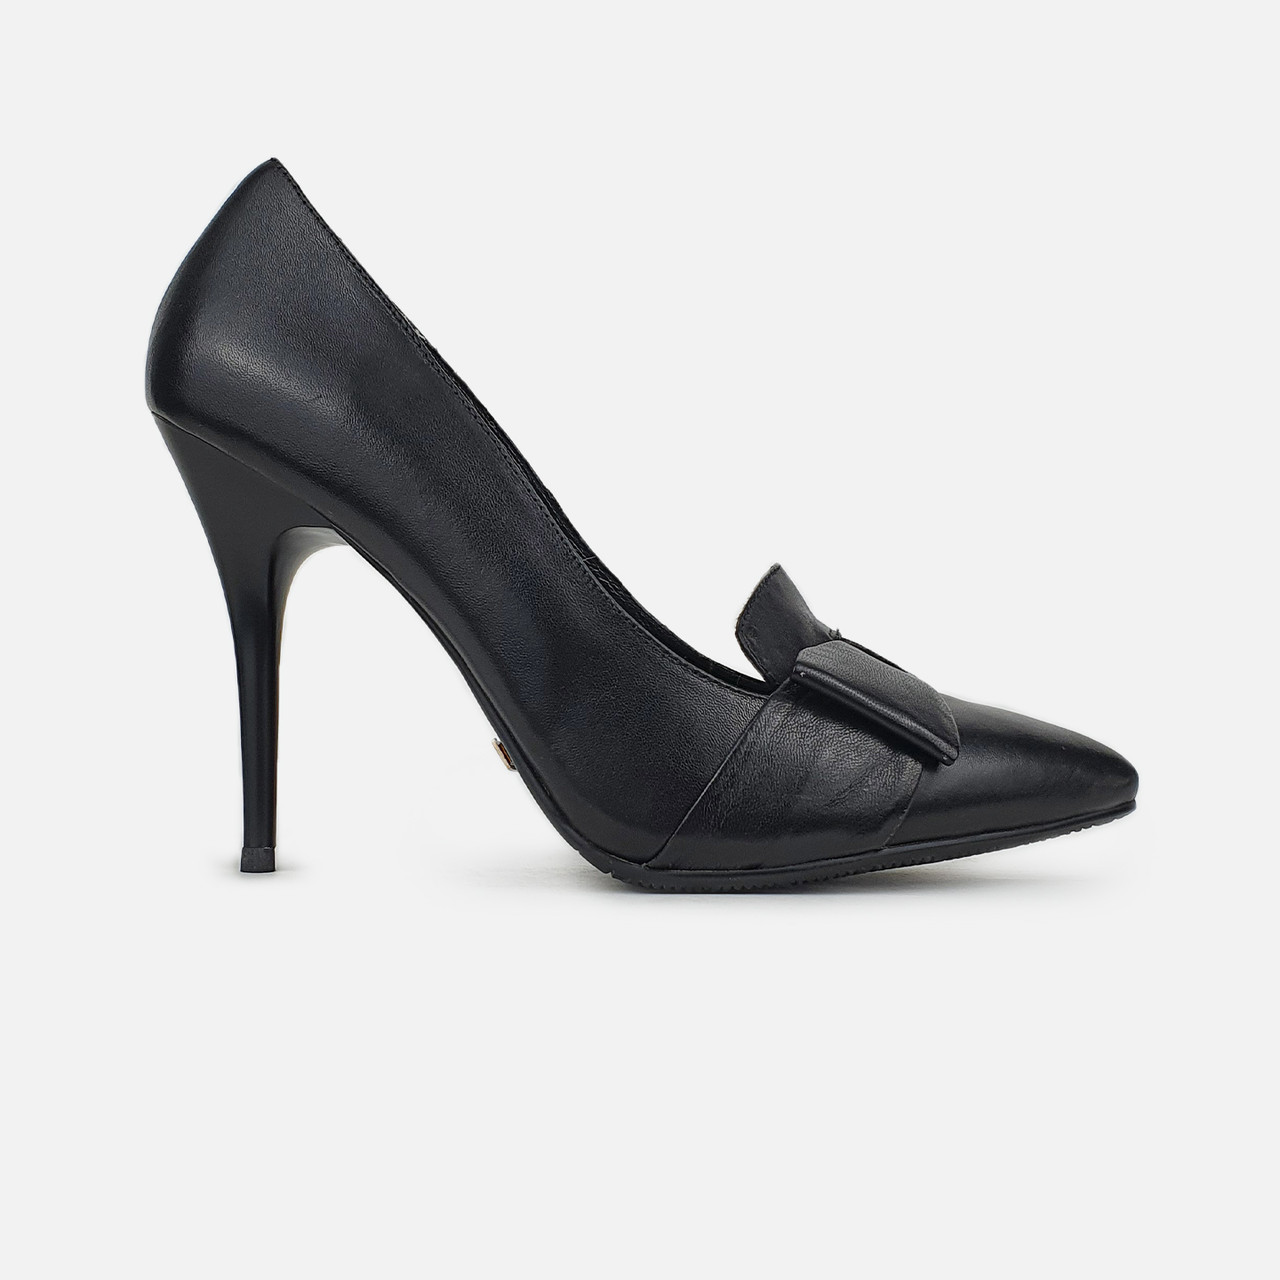 Лоферы женские весенние на высоком каблуке кожаные